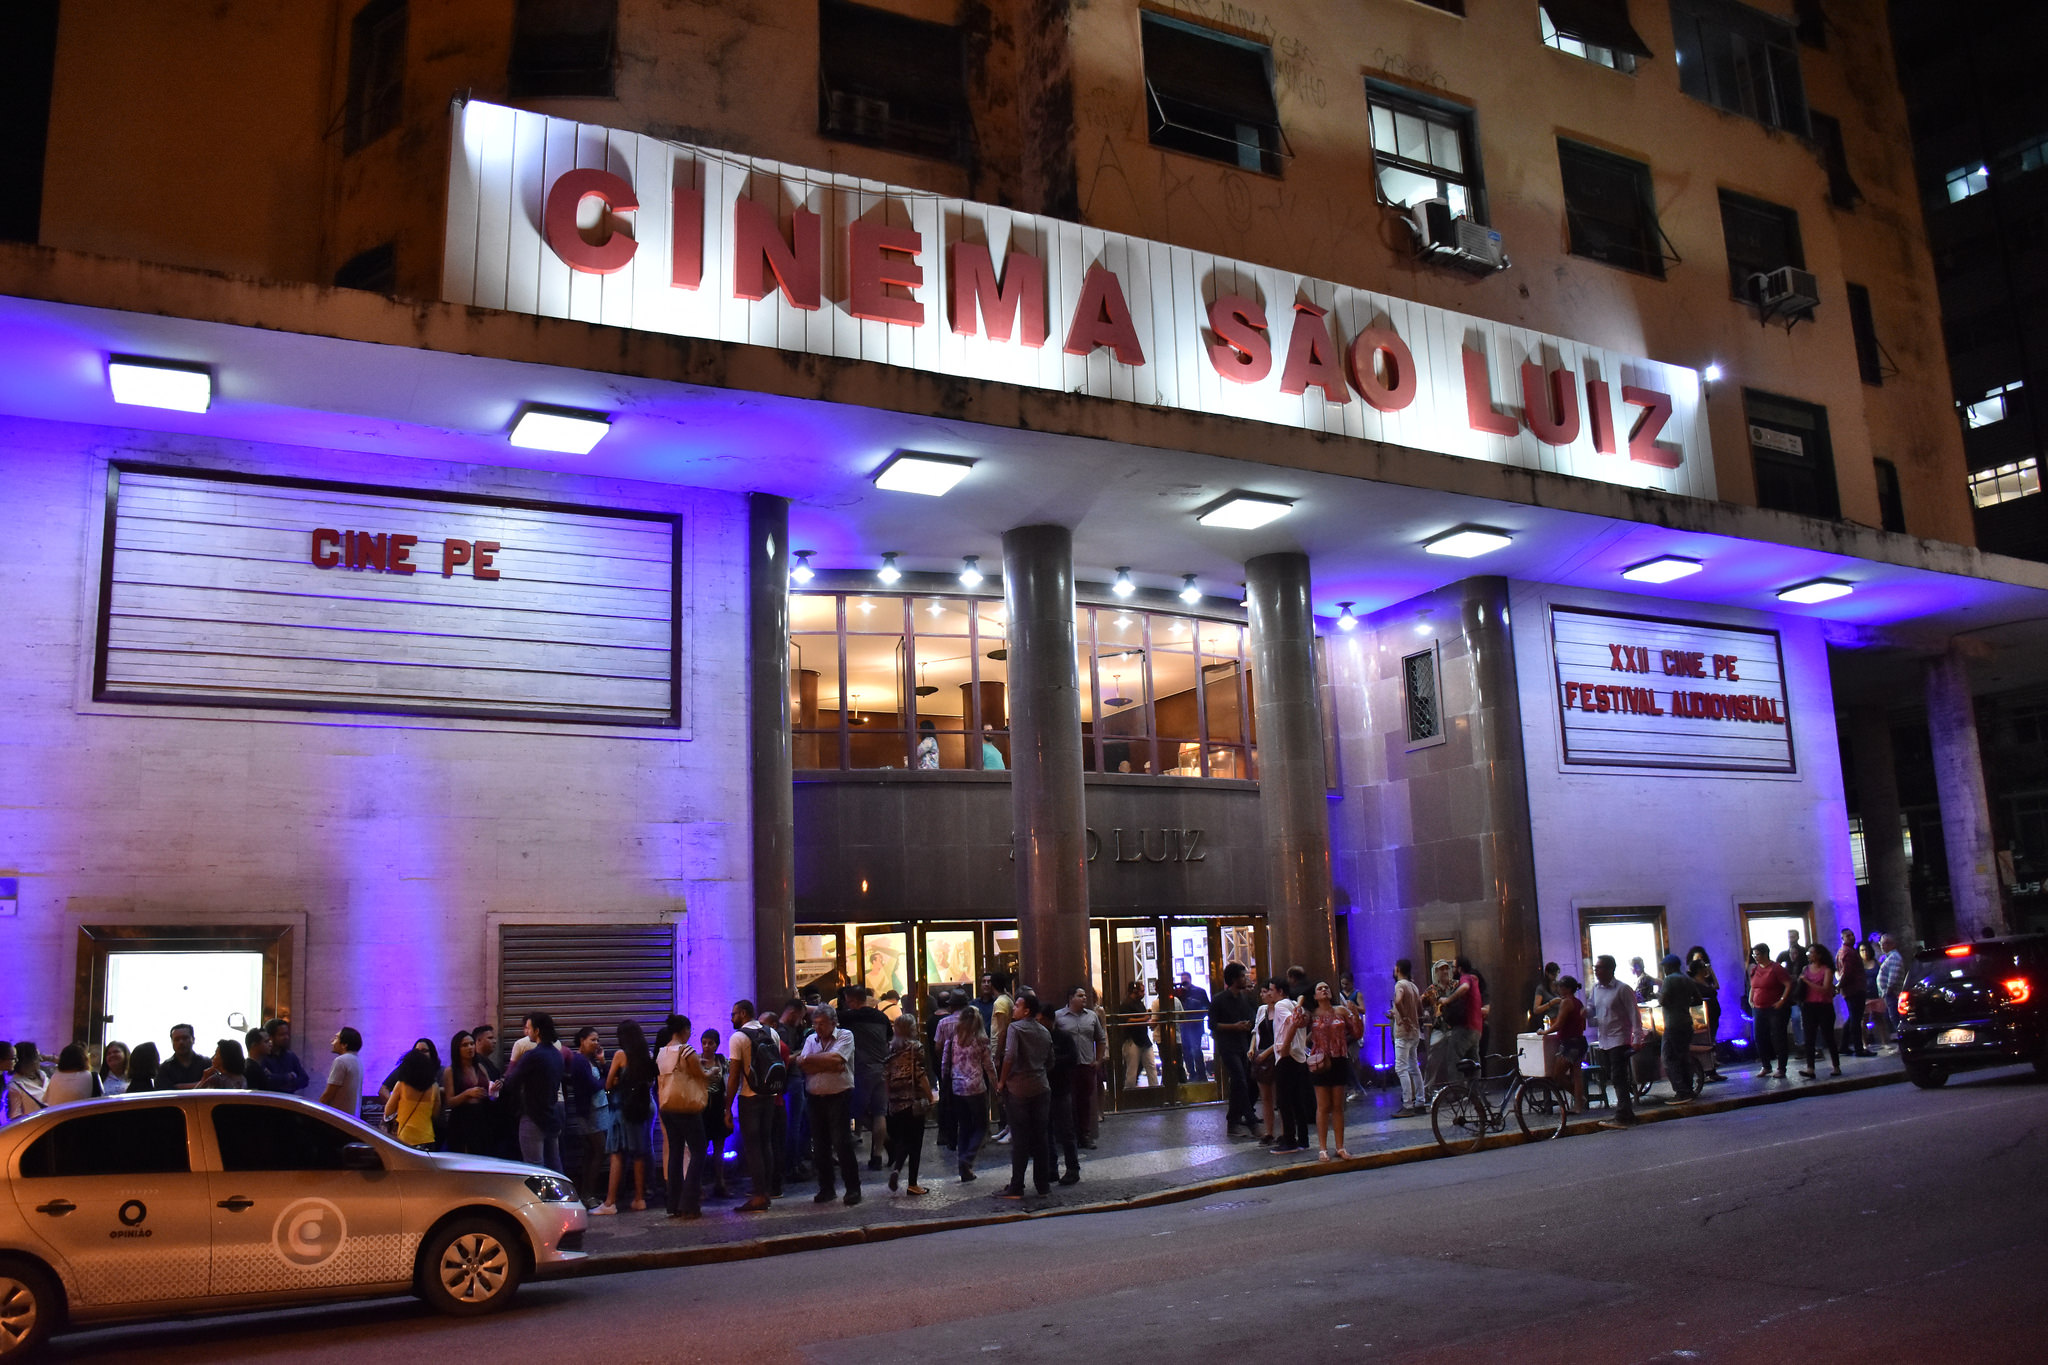 Cine PE 2018: Cobertura do 1º dia